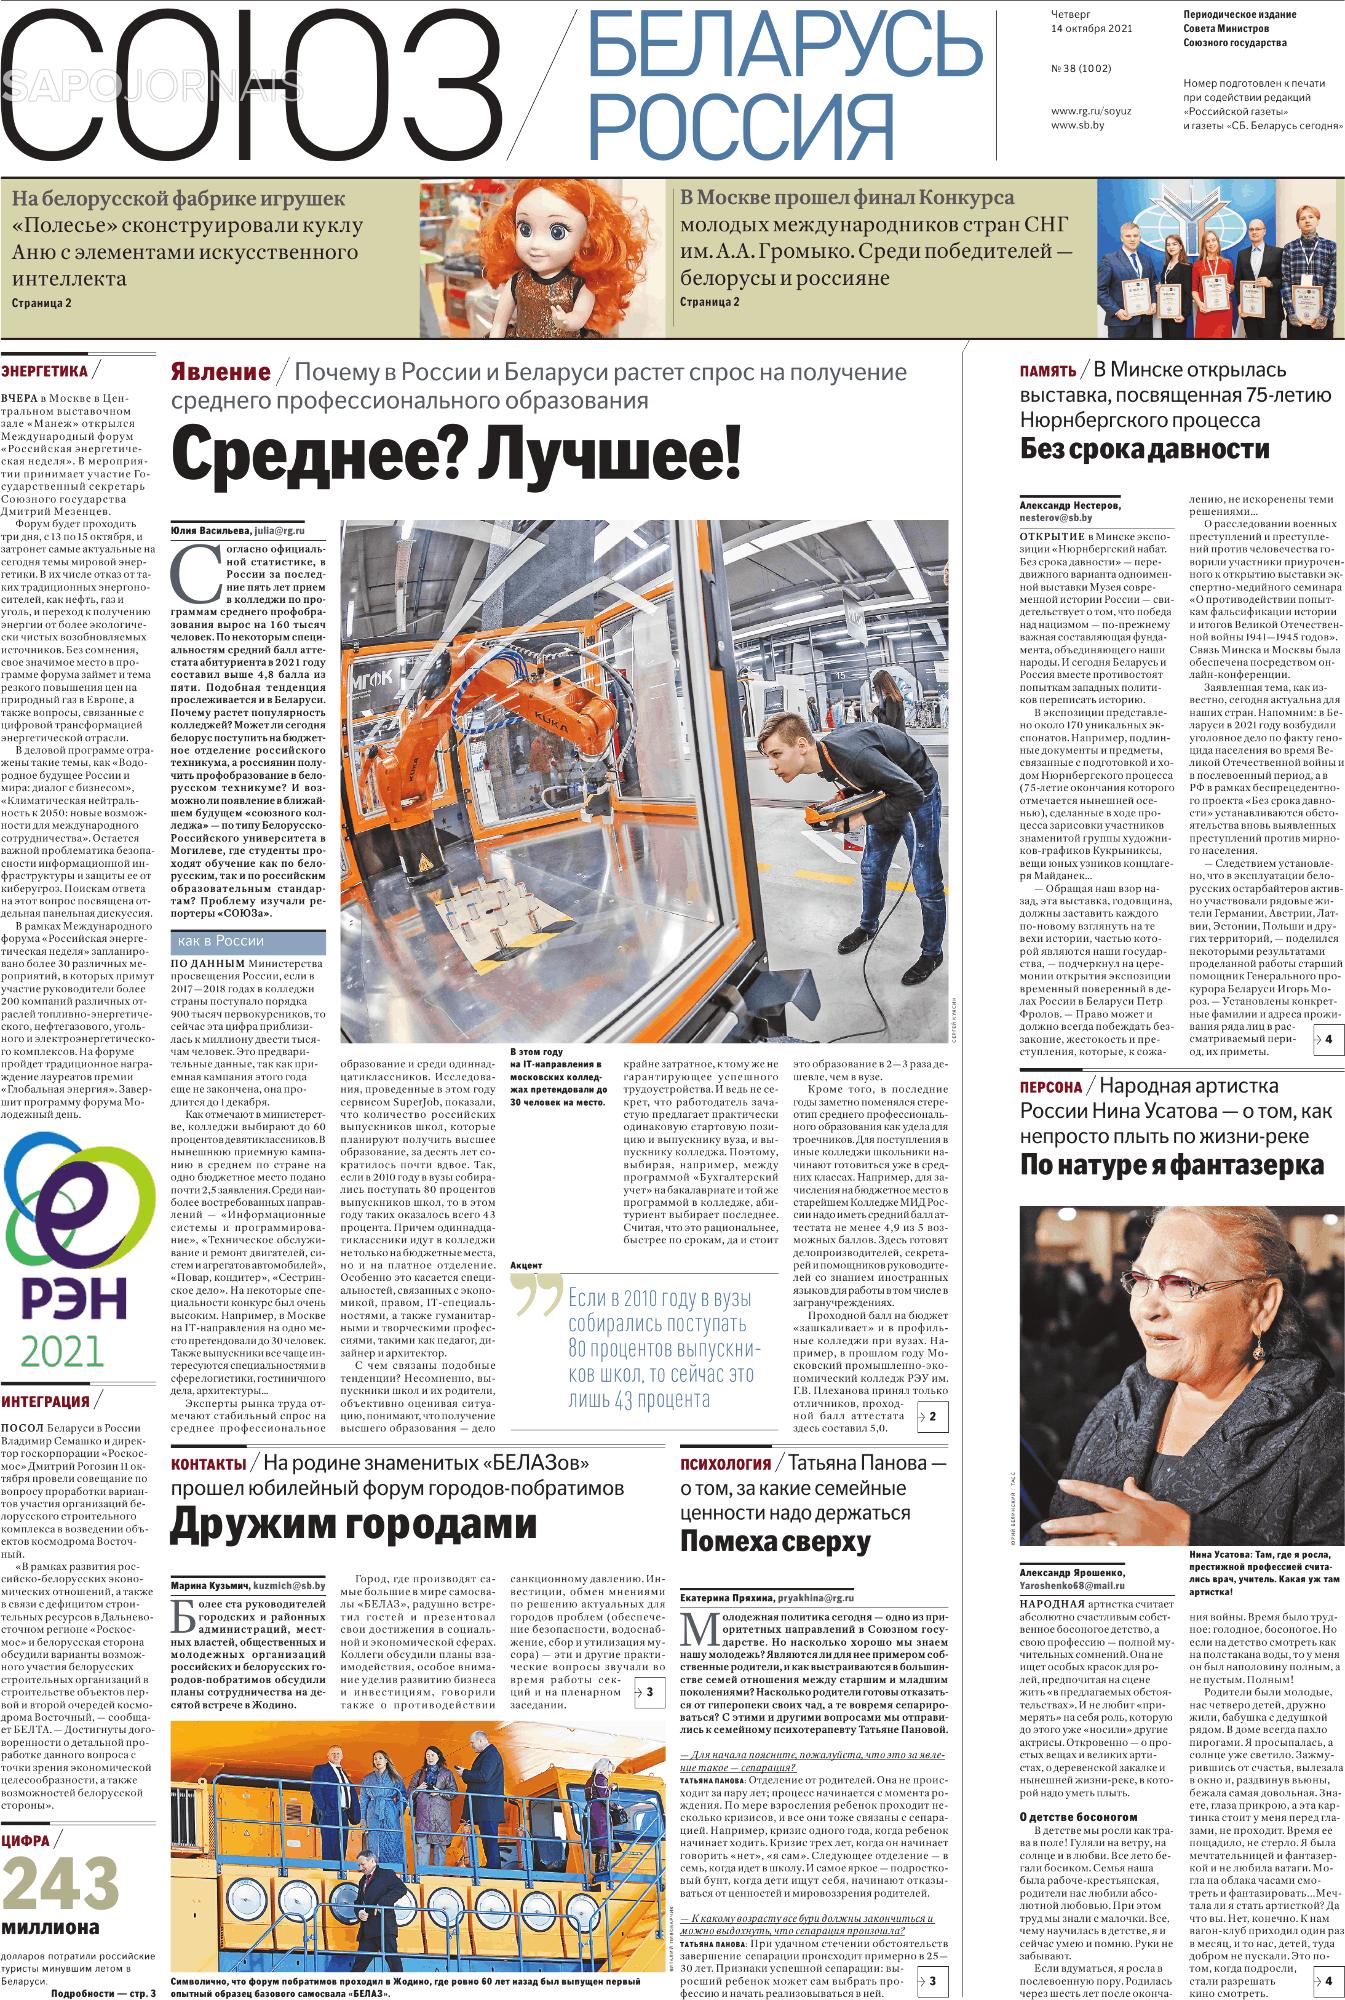 Soyuz Belarus-Rossiya